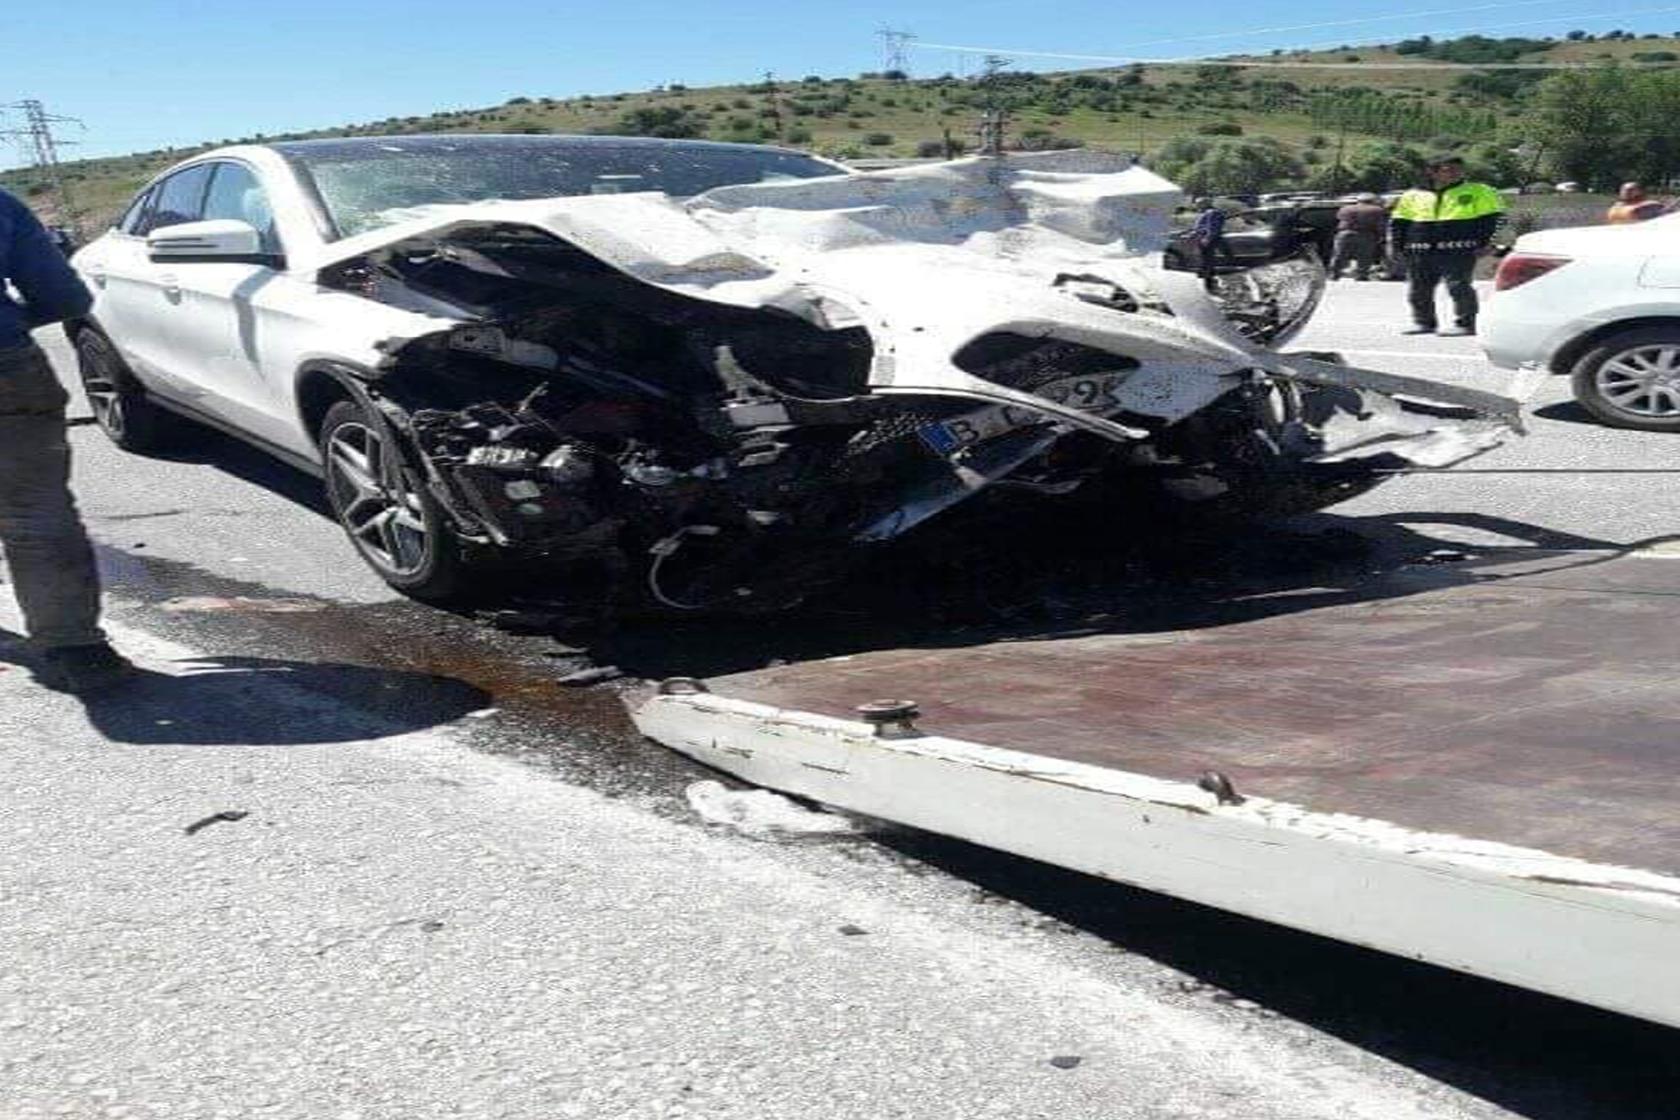 Erzincan'da trafik kazası: 3 ölü, 6 yaralı